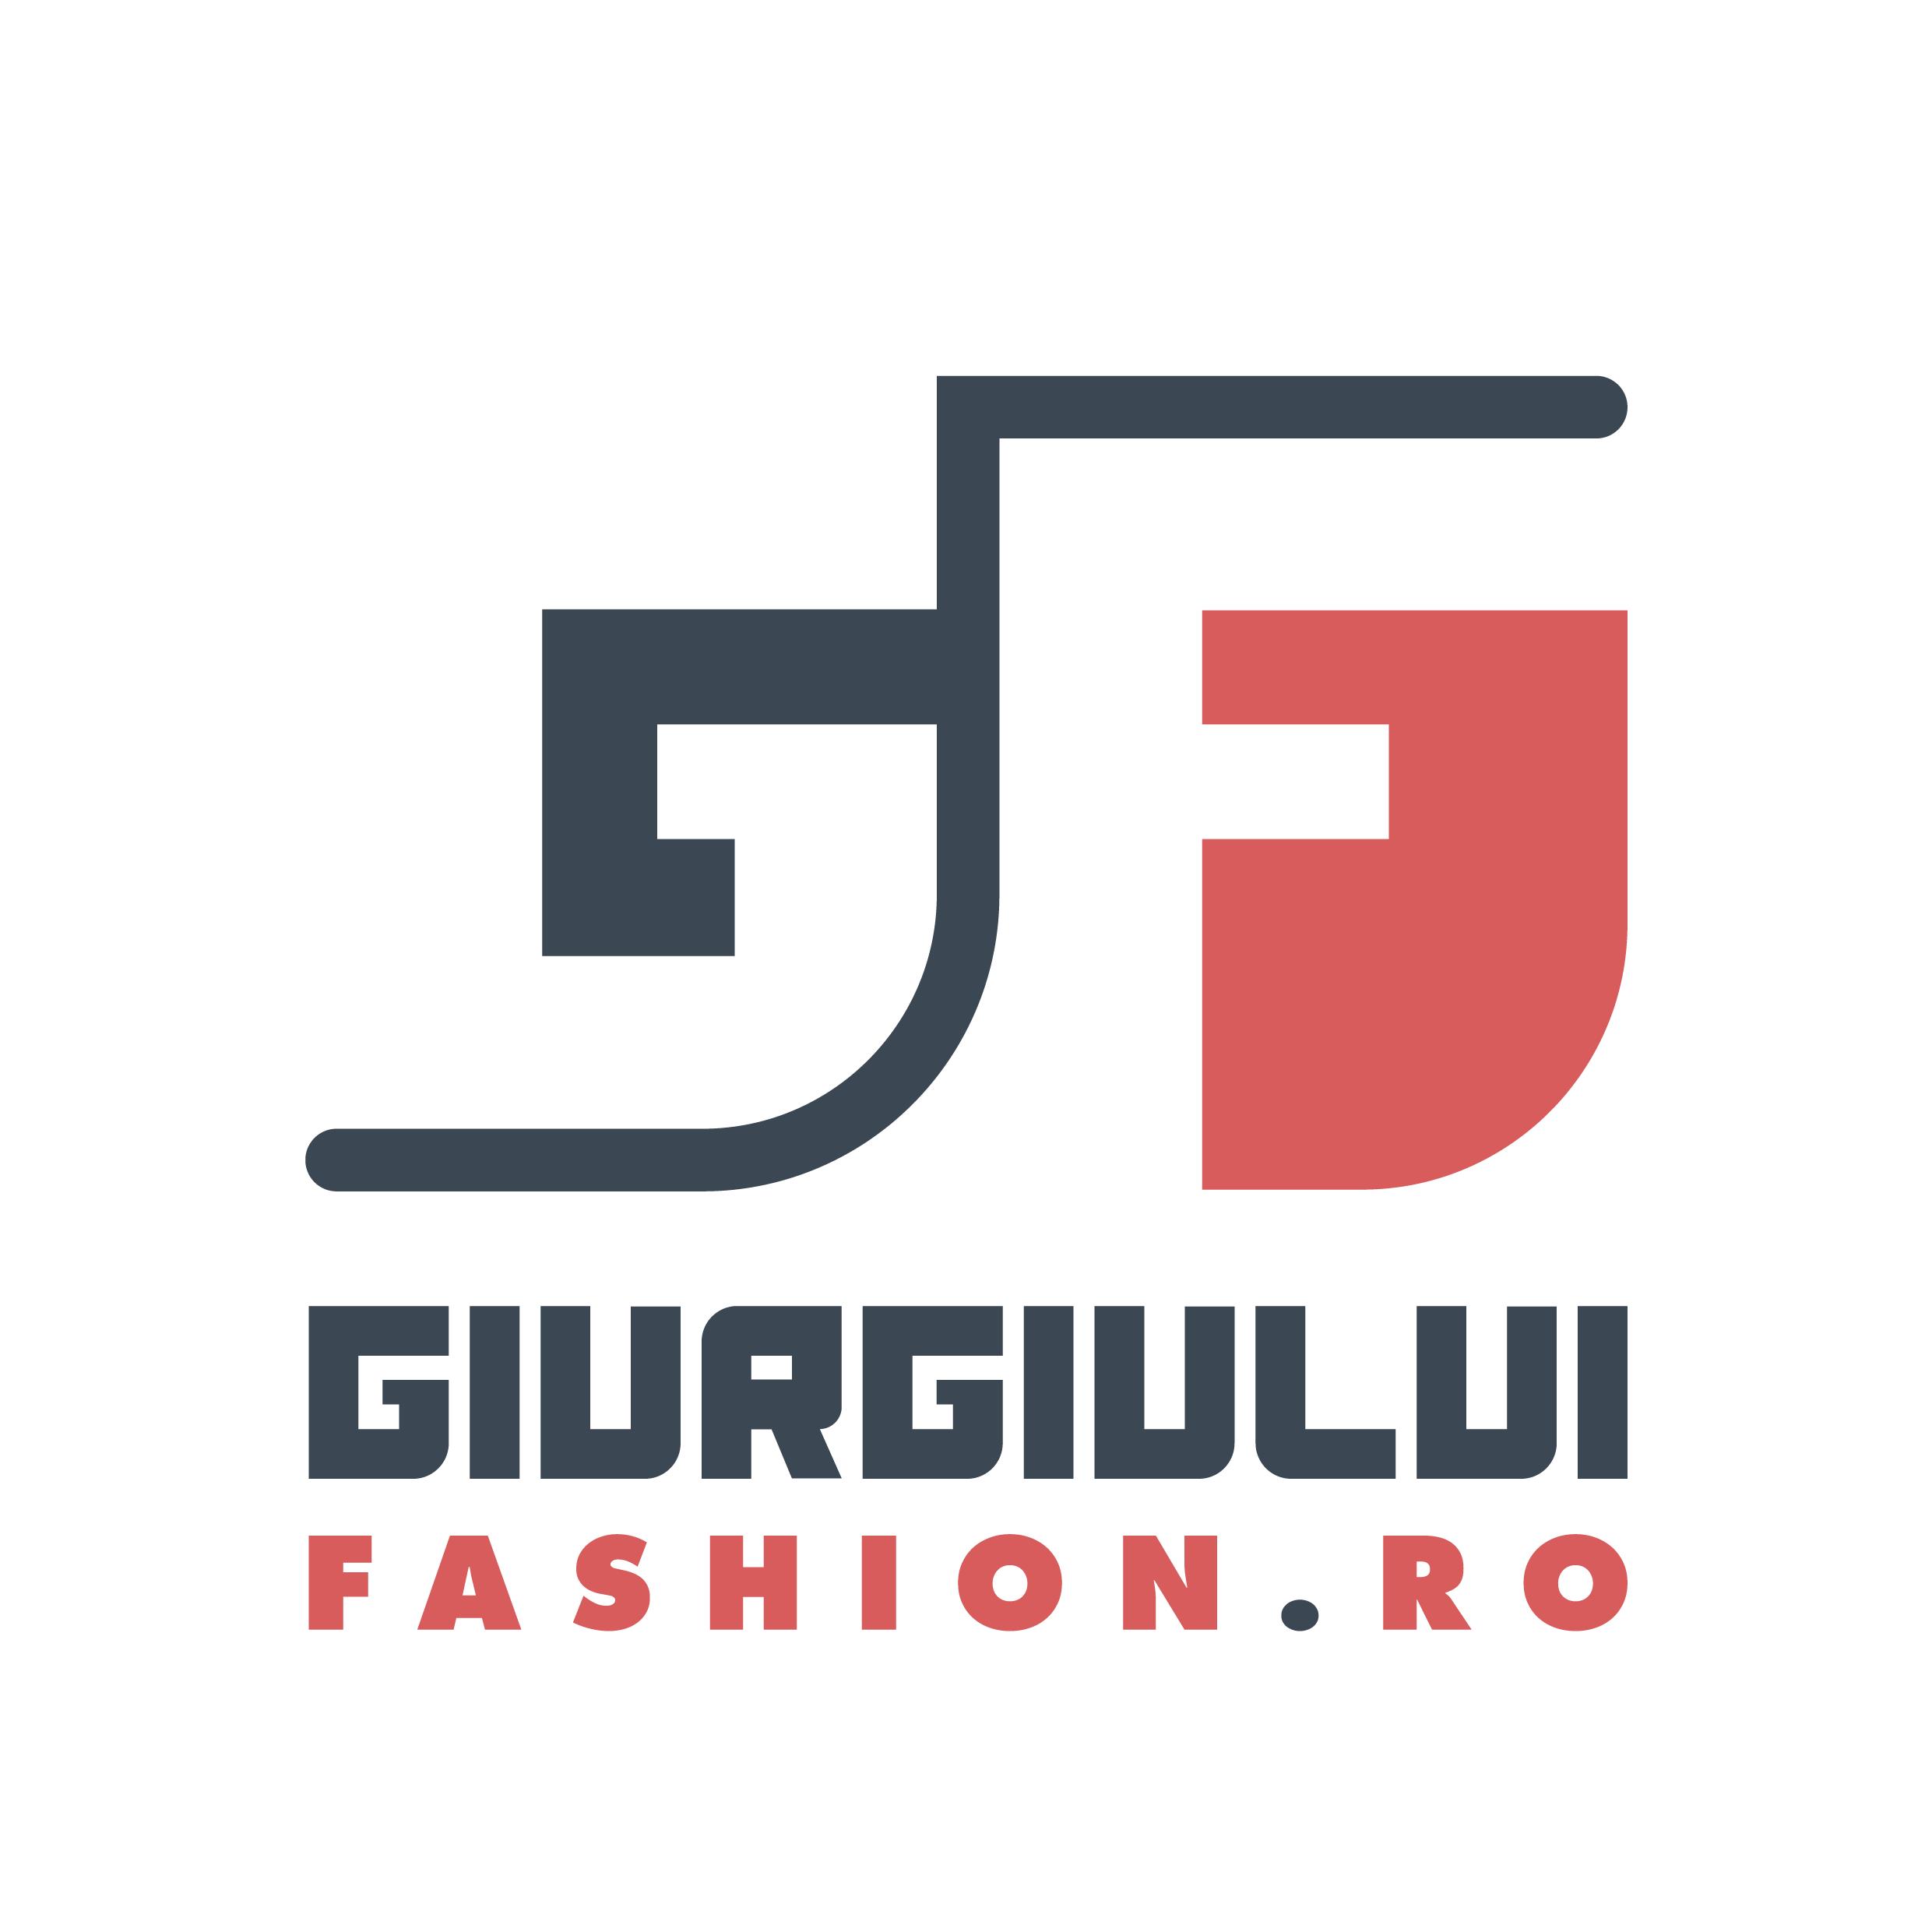 Giurgiului Fashion